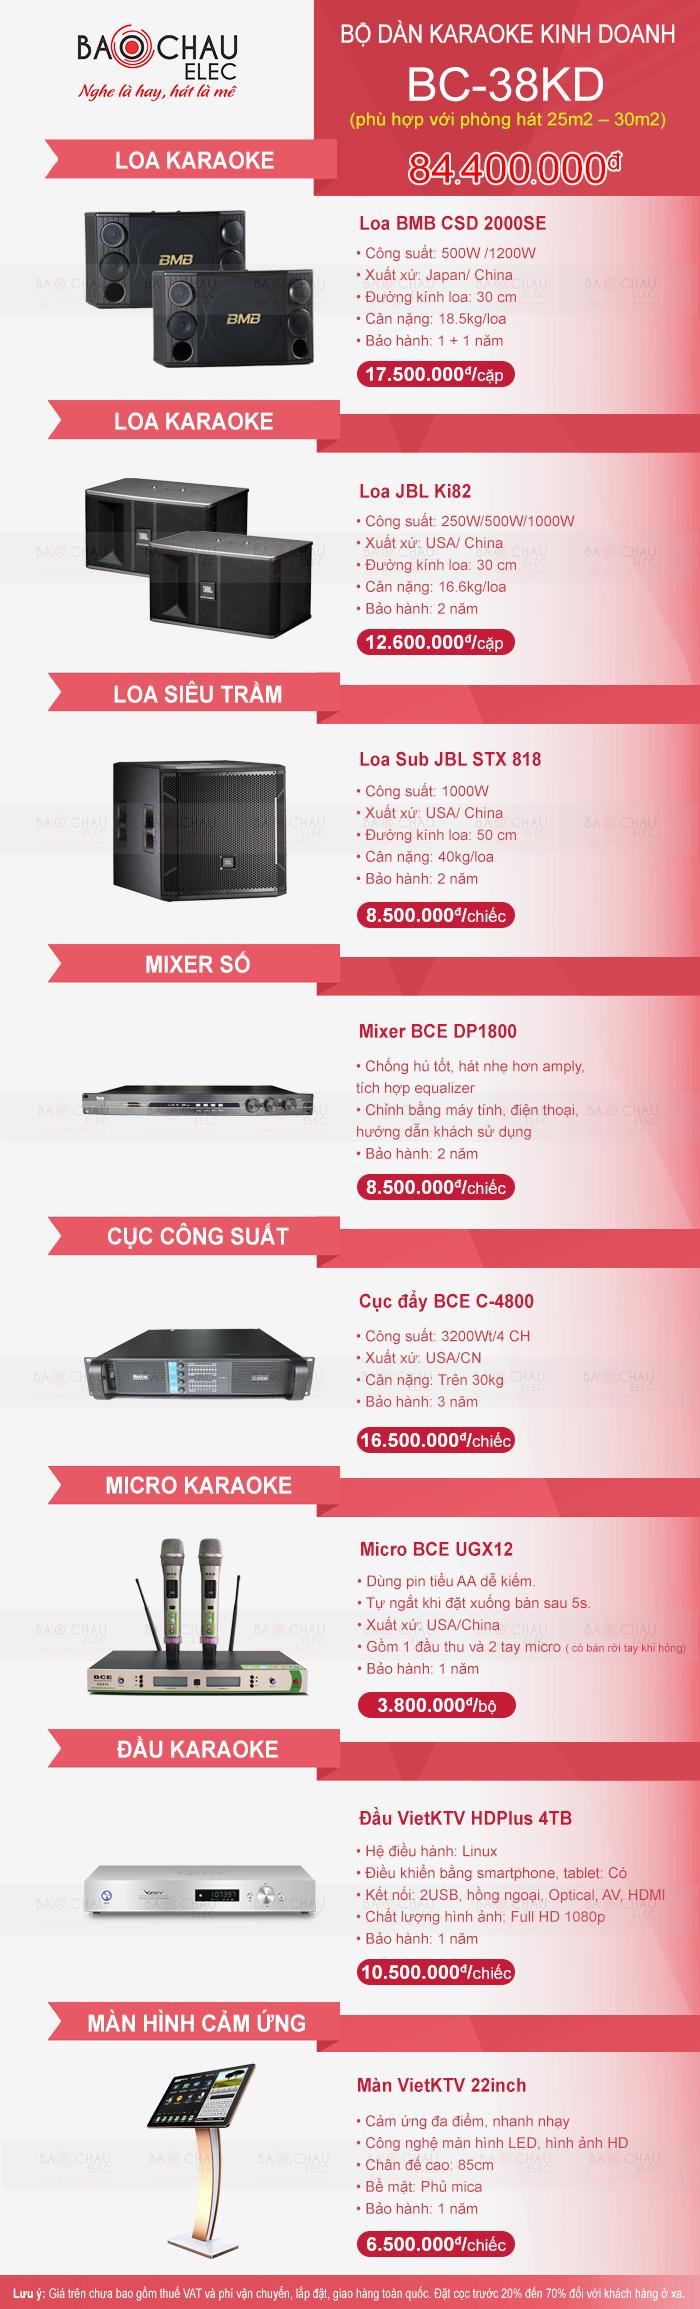 Bộ dàn karaoke kinh doanh chuyên nghiệp BC-38KD